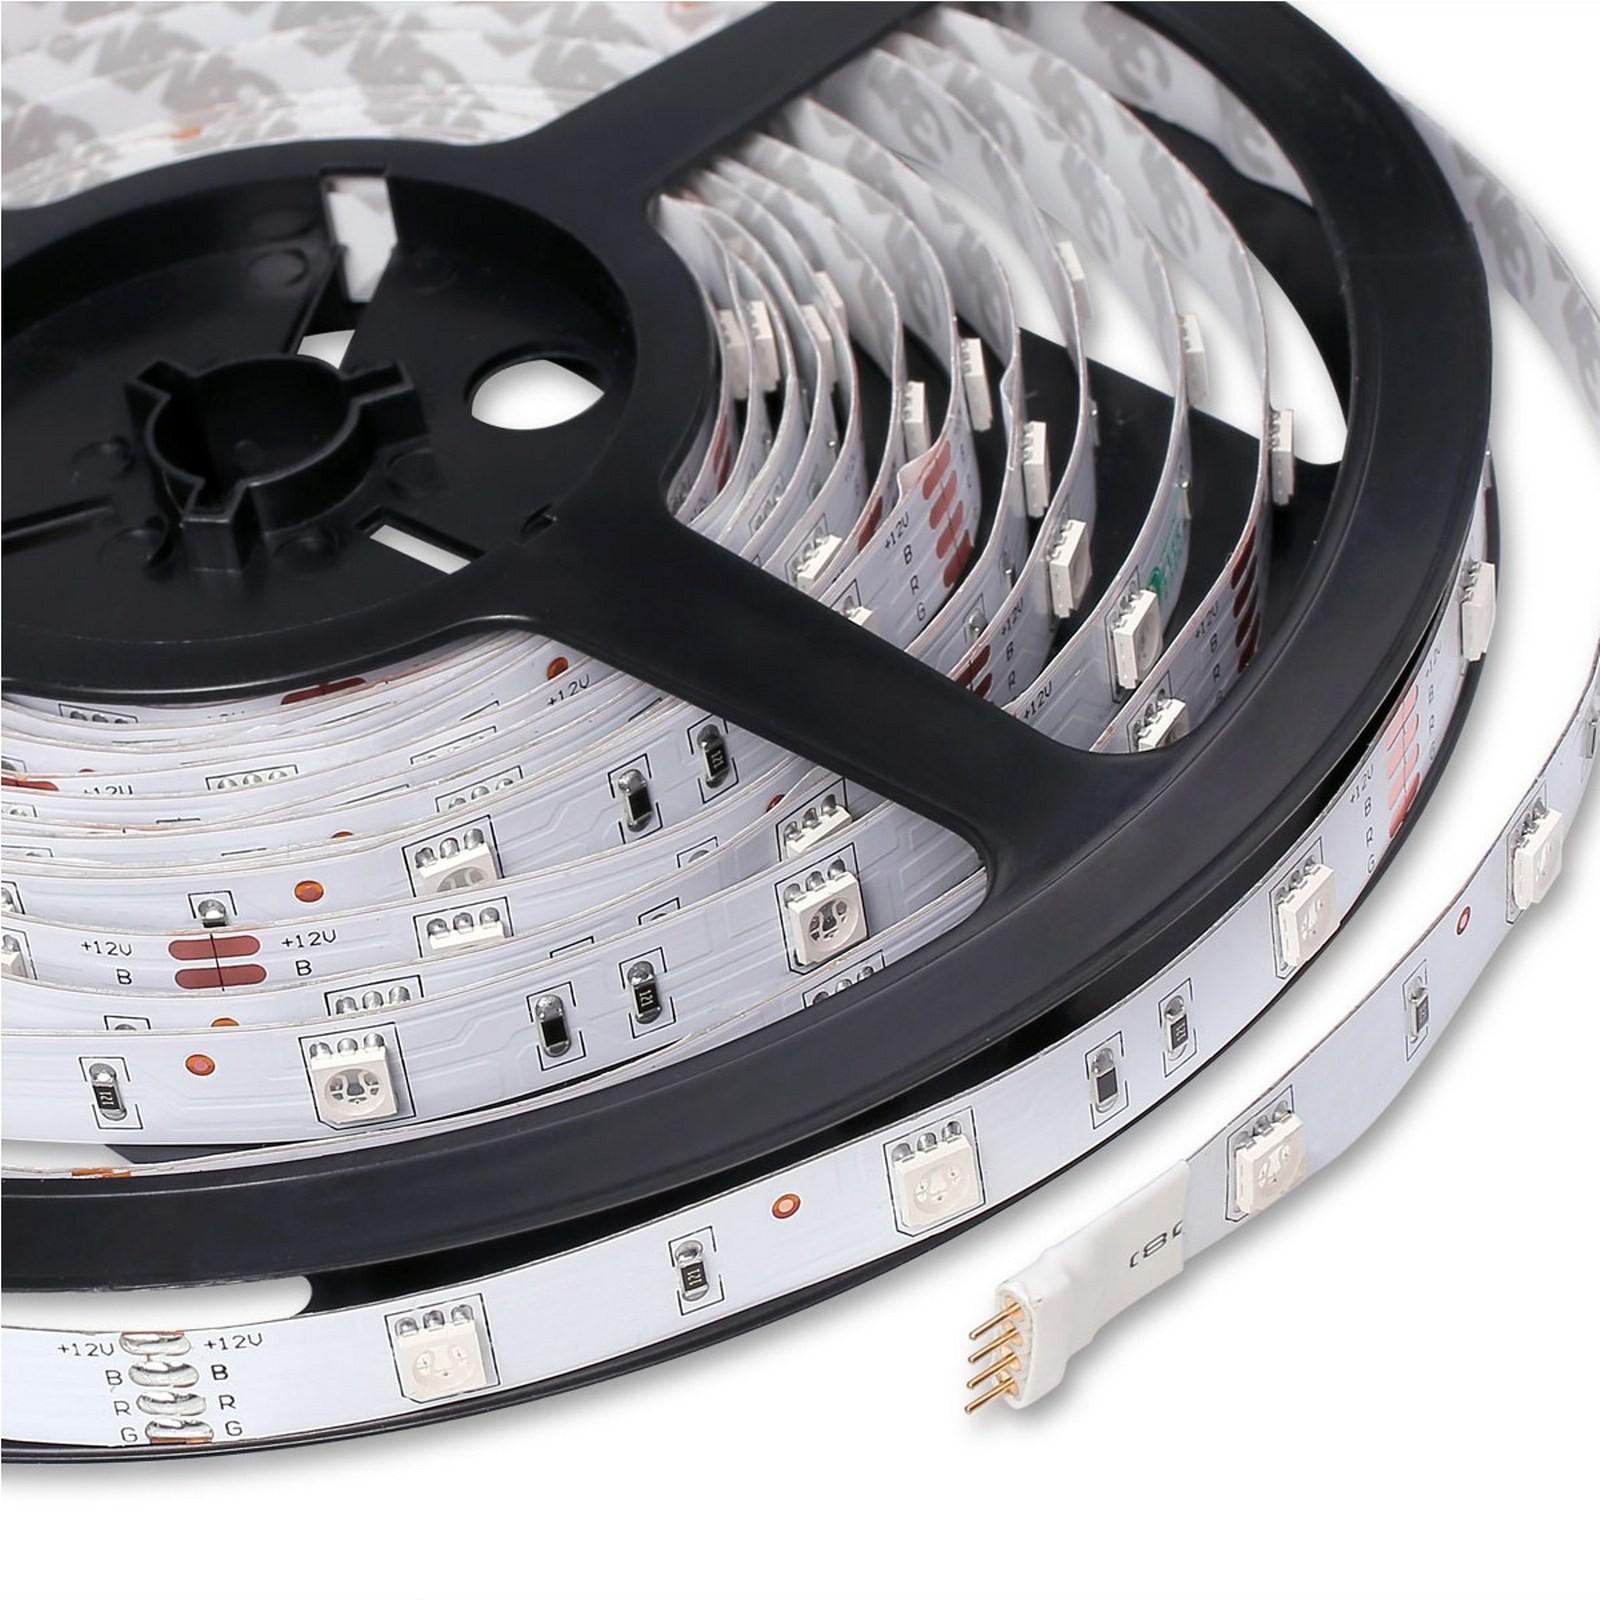 Striscia 5050 led strip rgb 5m smd bobina flessibile for Striscia led rgb